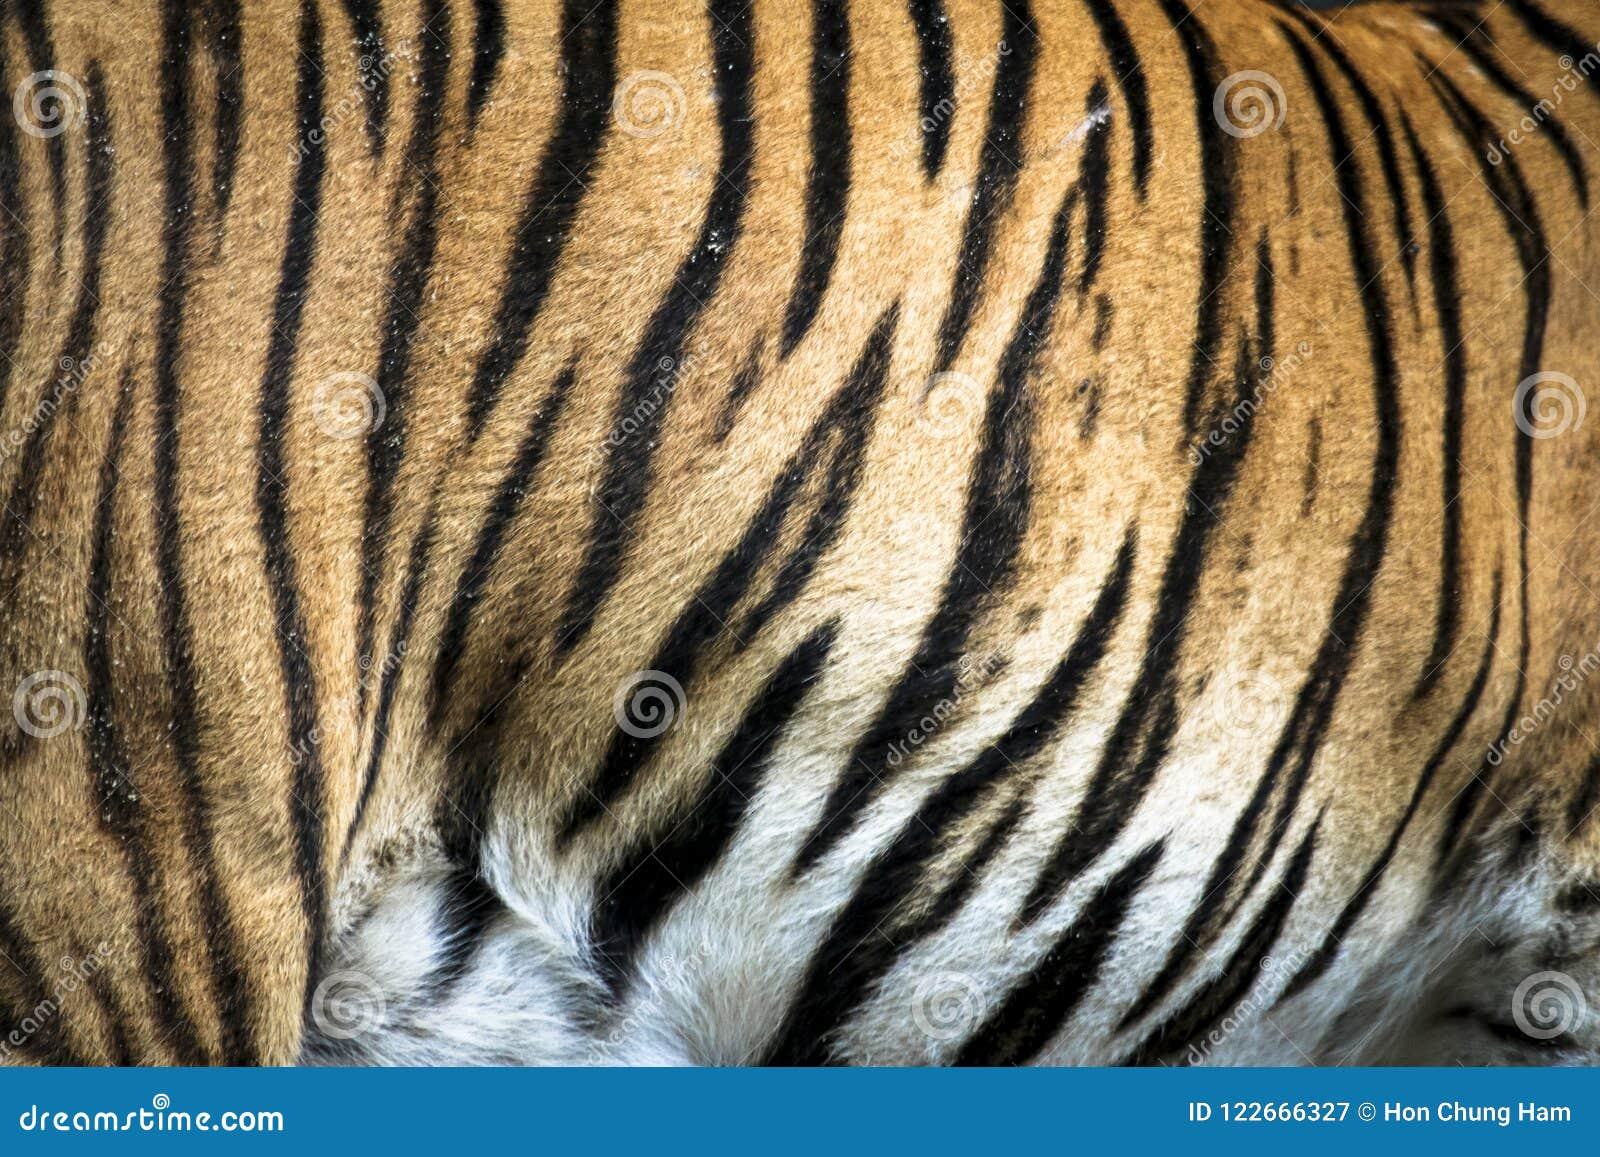 Ciérrese para arriba de tigre malayo salvaje felino grande con la piel hermosa de la raya